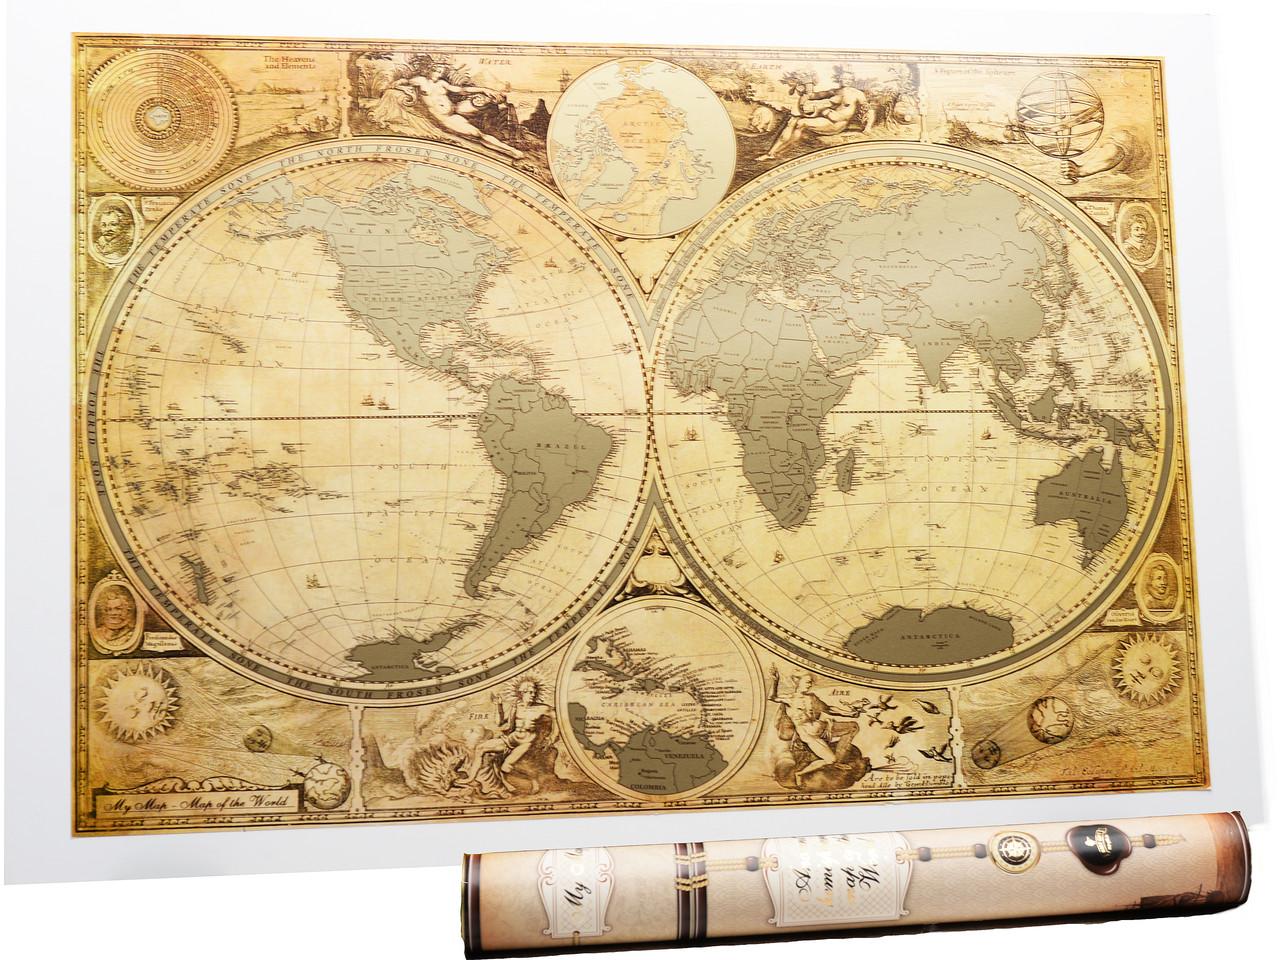 Старовинна скретч карта світу My Map Special Edition ENG 61*43 см Карта в старовинному стилі